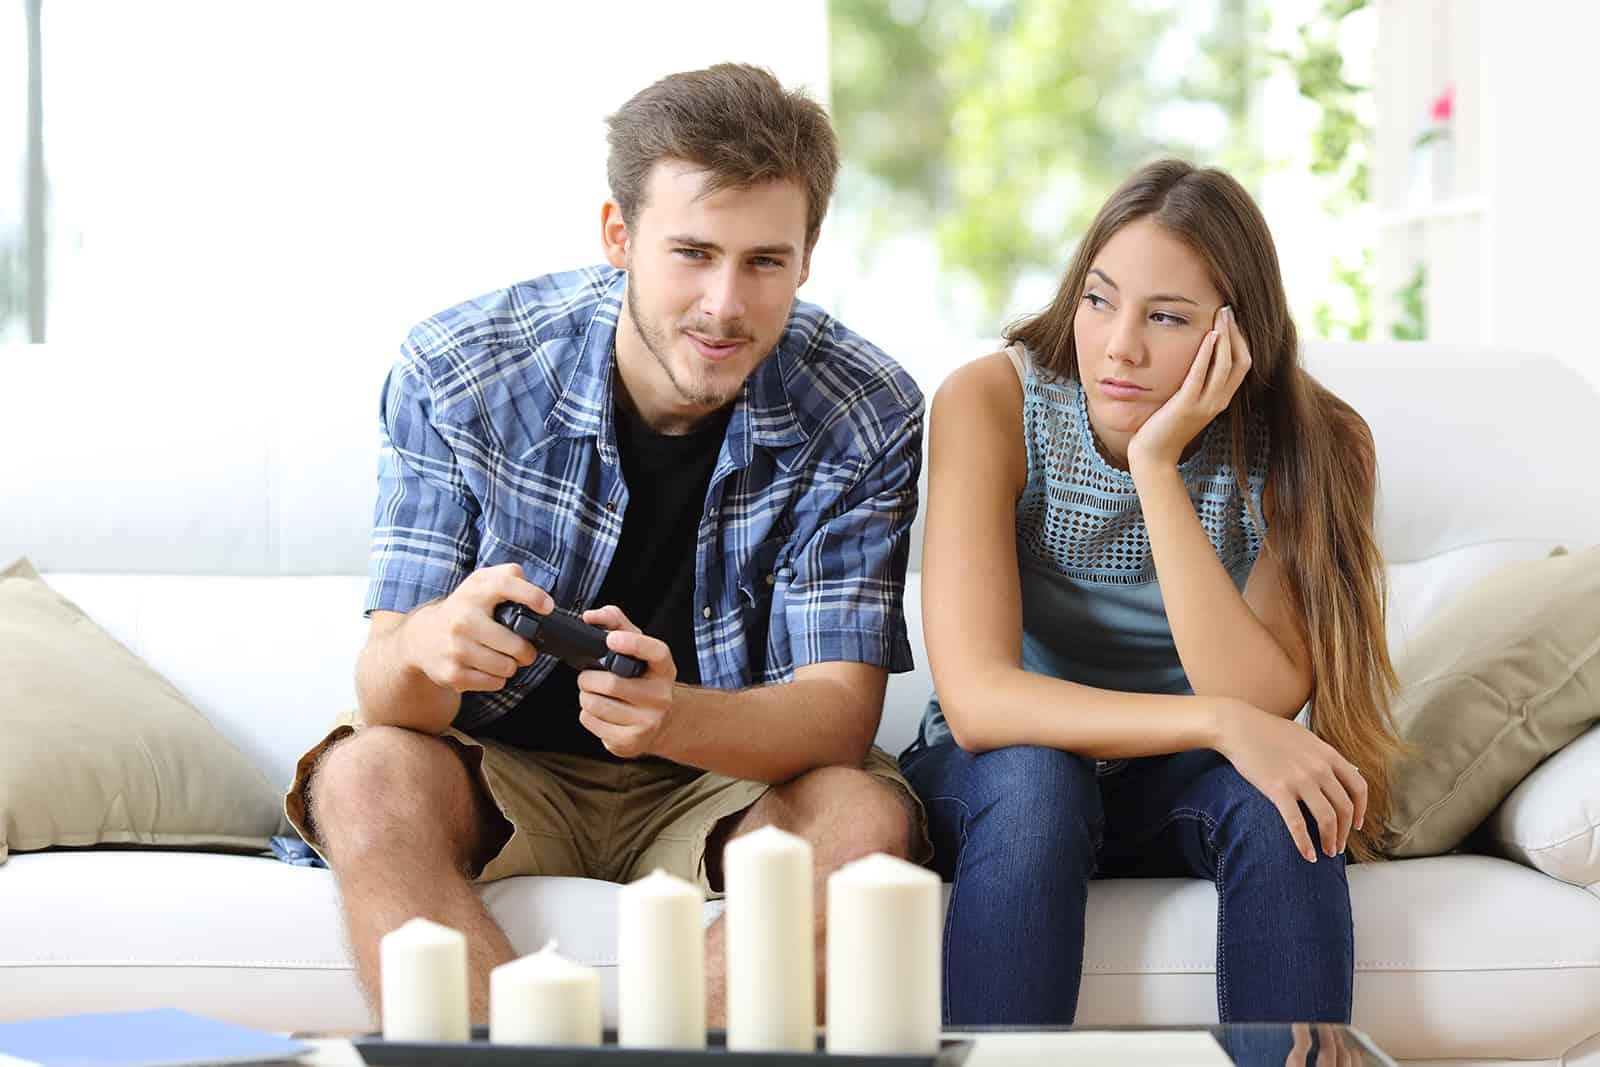 Mann, der Videospiele zu Hause neben ihrer Freundin spielt, gelangweilt neben dem Blick auf ihn